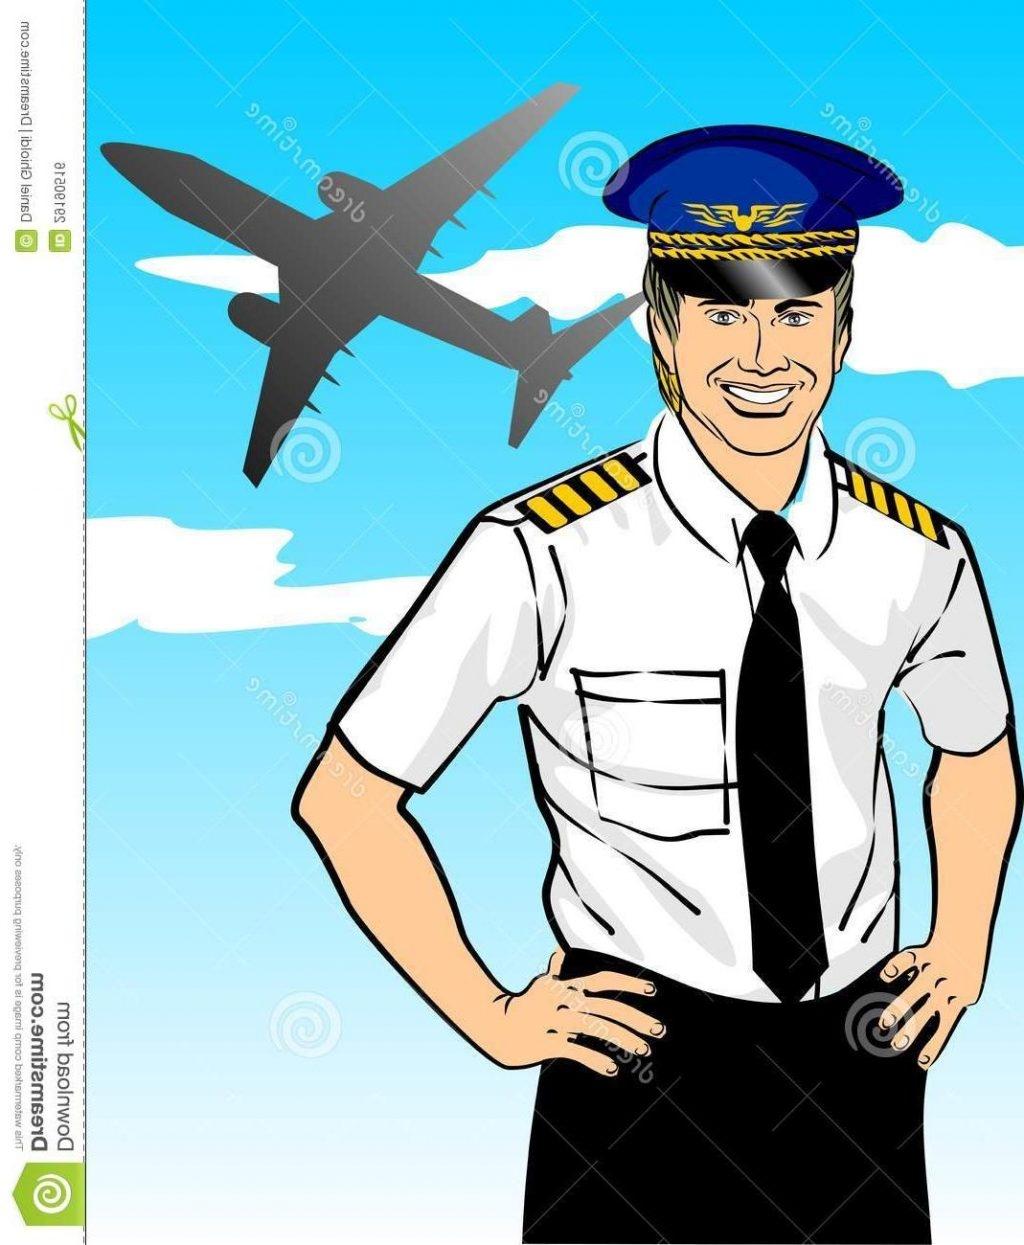 Airplane captain clipart clip art transparent download Pilot clipart - 39 transparent clip arts, images and ... clip art transparent download